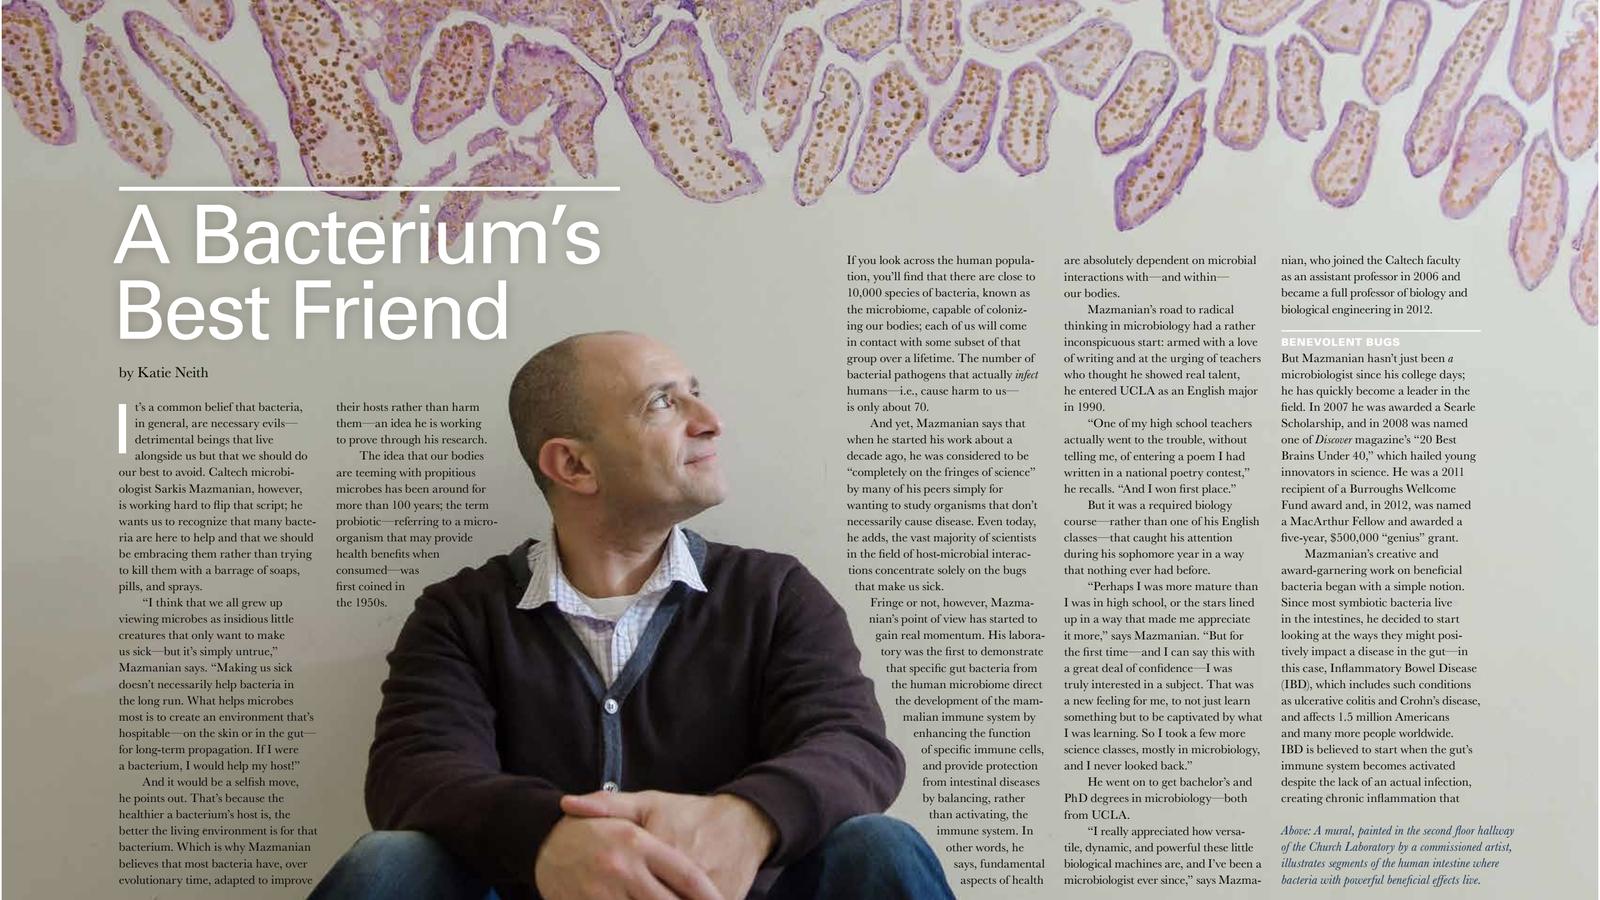 A Bacterium's Best Friend - Sarkis Mazmanian